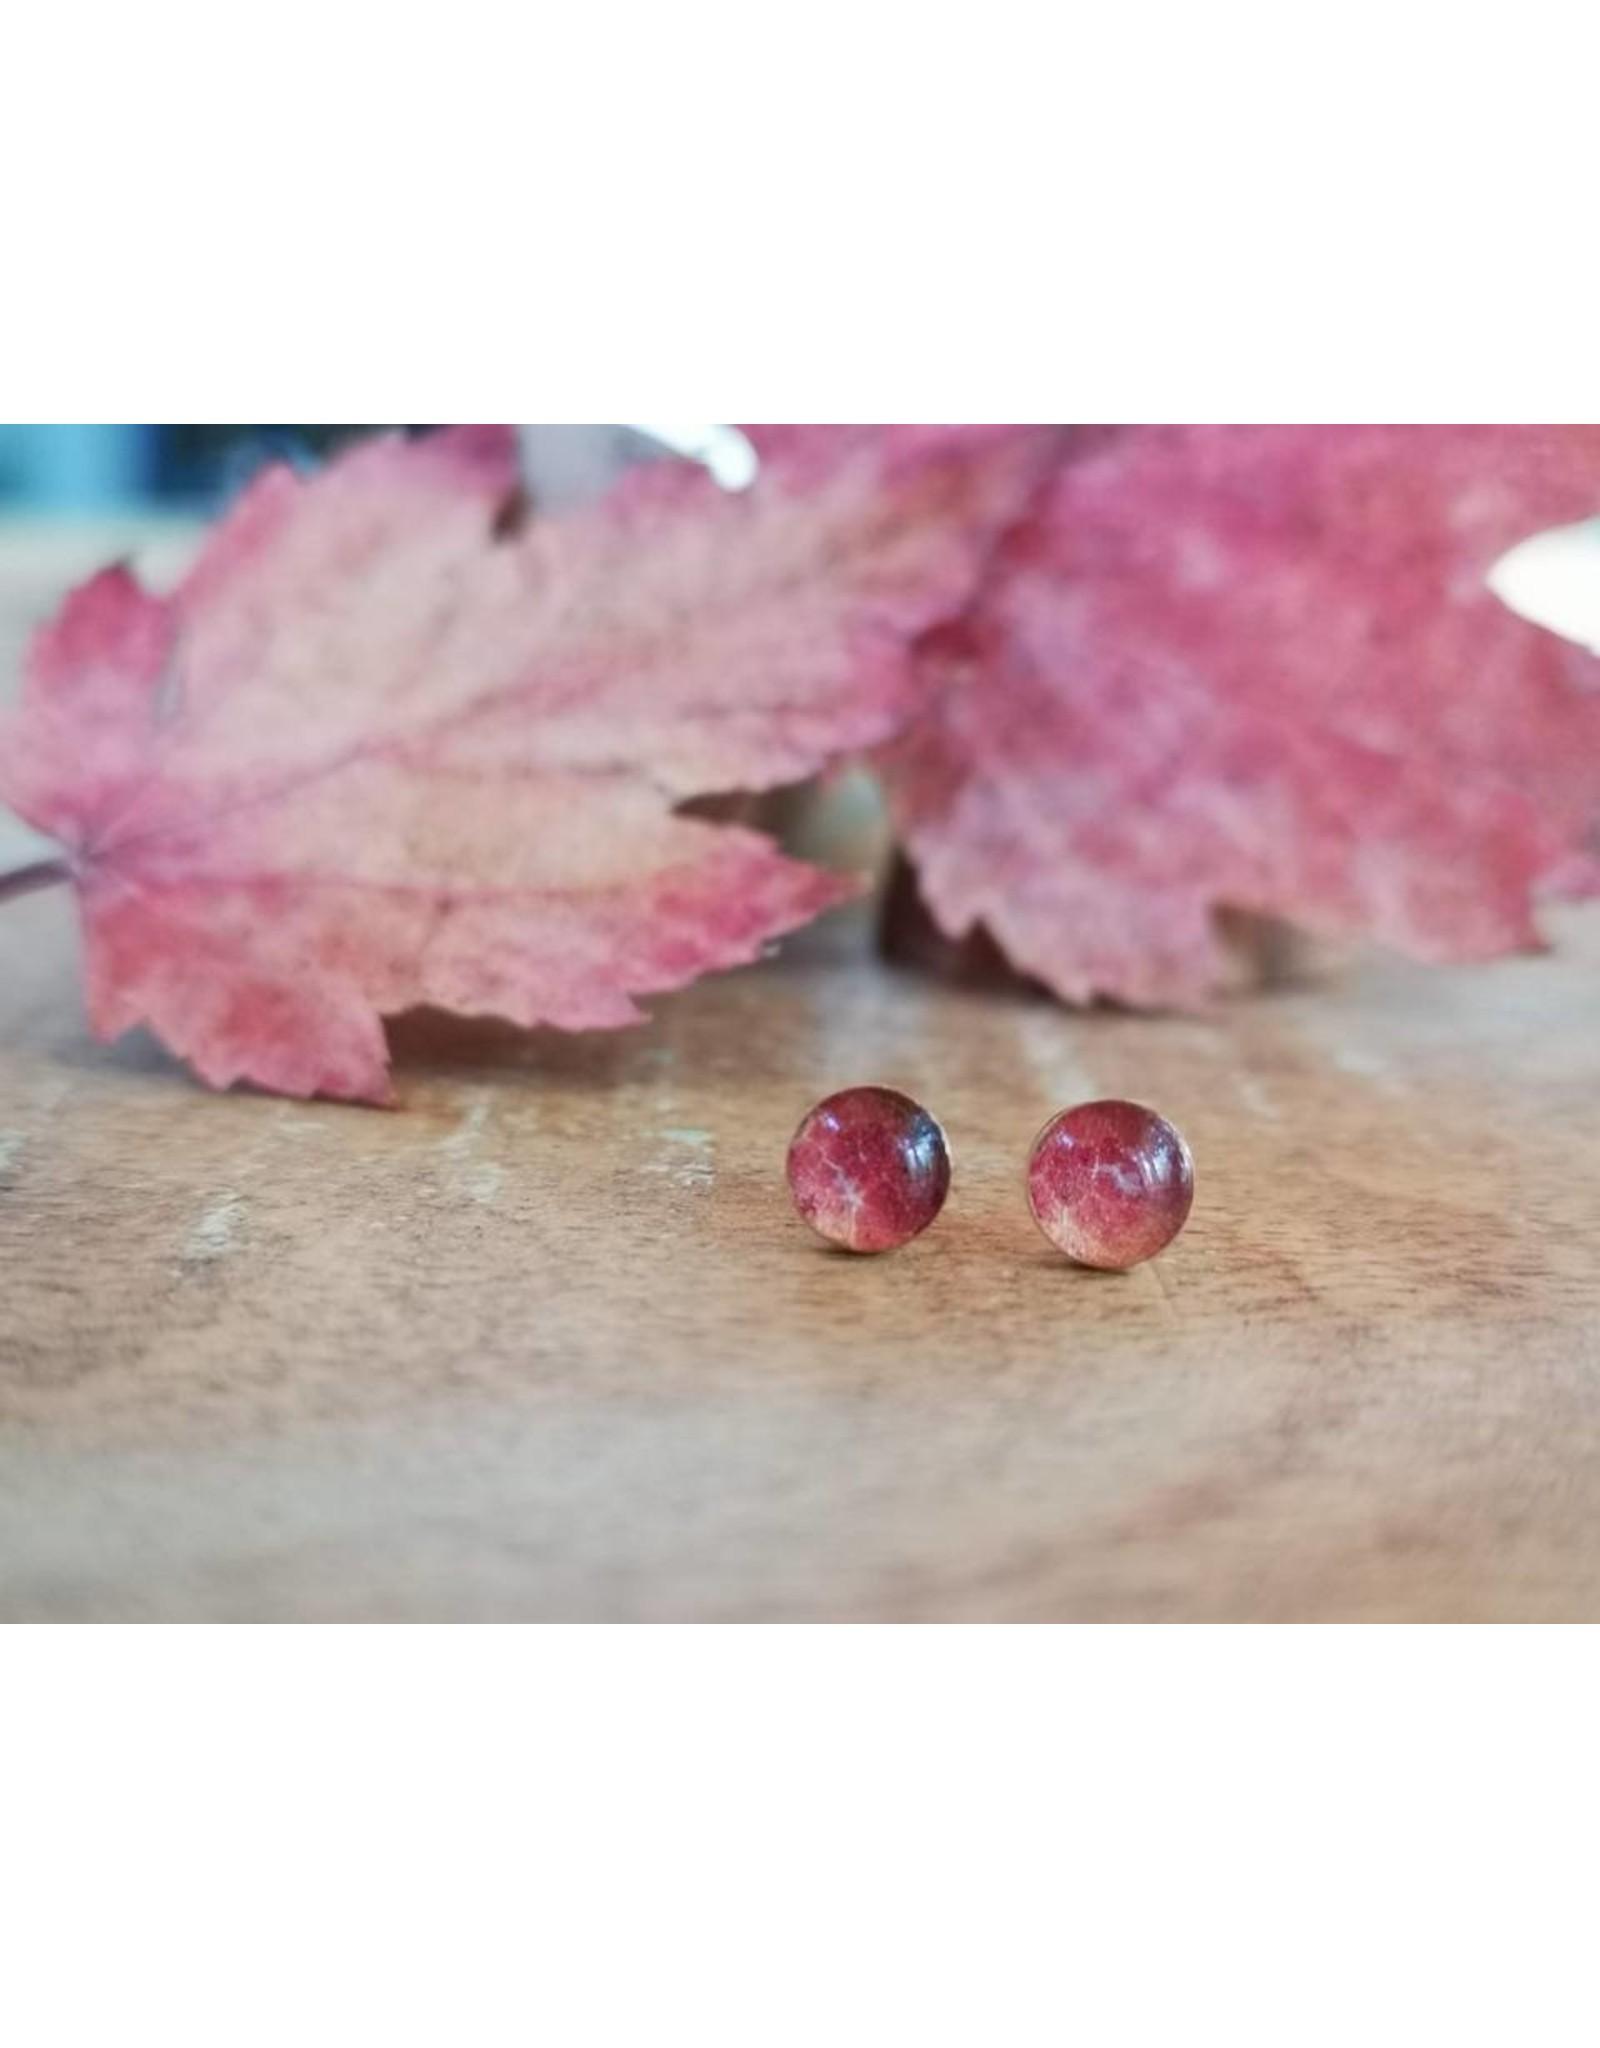 Maple Leaf 4mm Silver Earrings - ML0504S